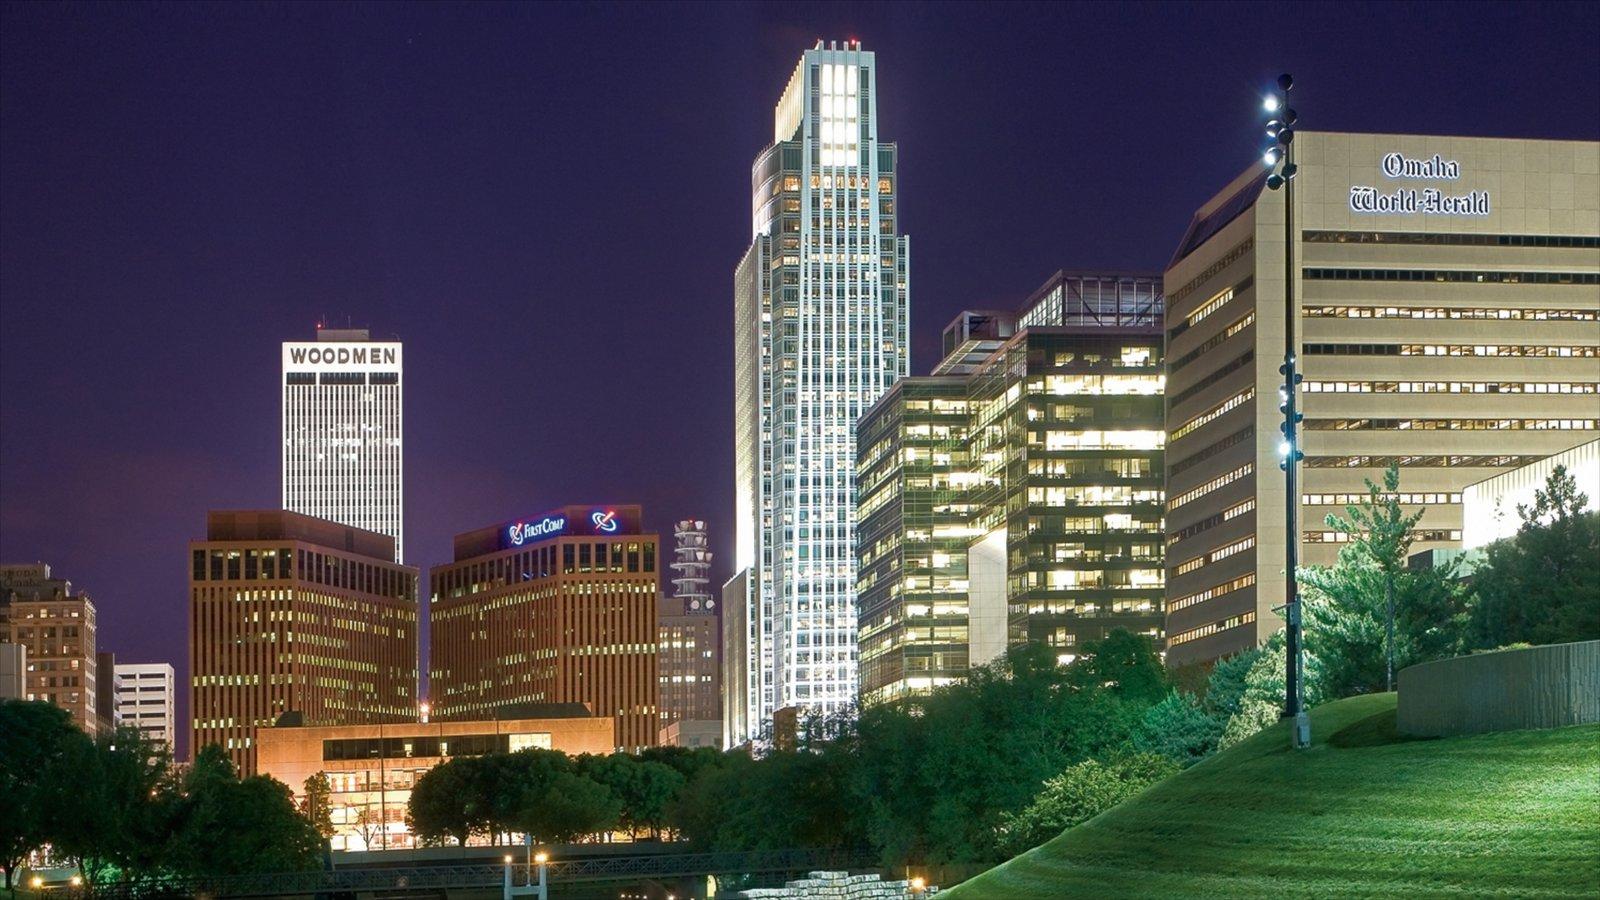 Downtown Omaha que inclui uma cidade, um edifício e arquitetura moderna